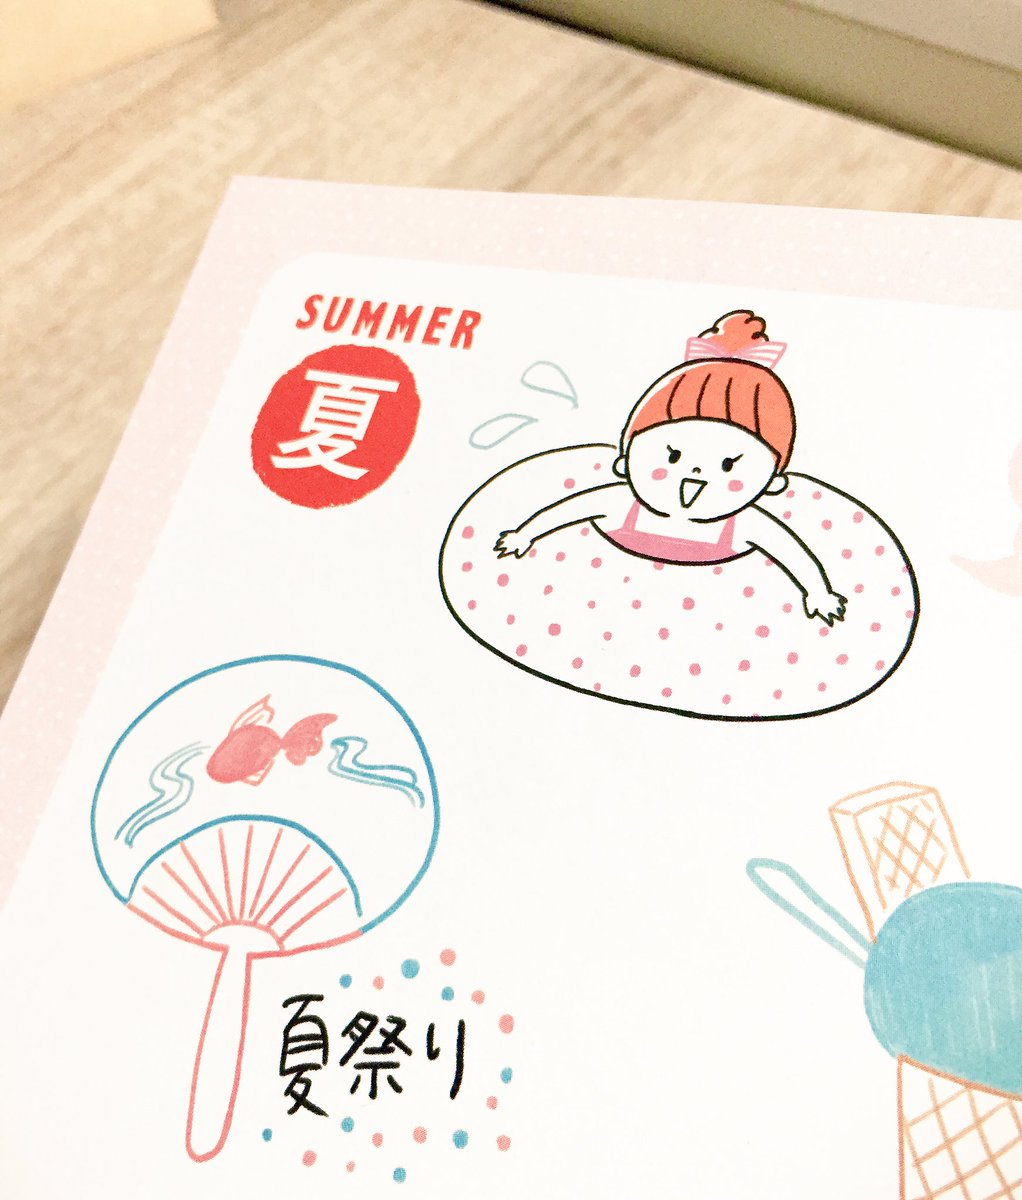 """オオカワ アヤ / イラストレーター on twitter: """"夏のイベントが"""